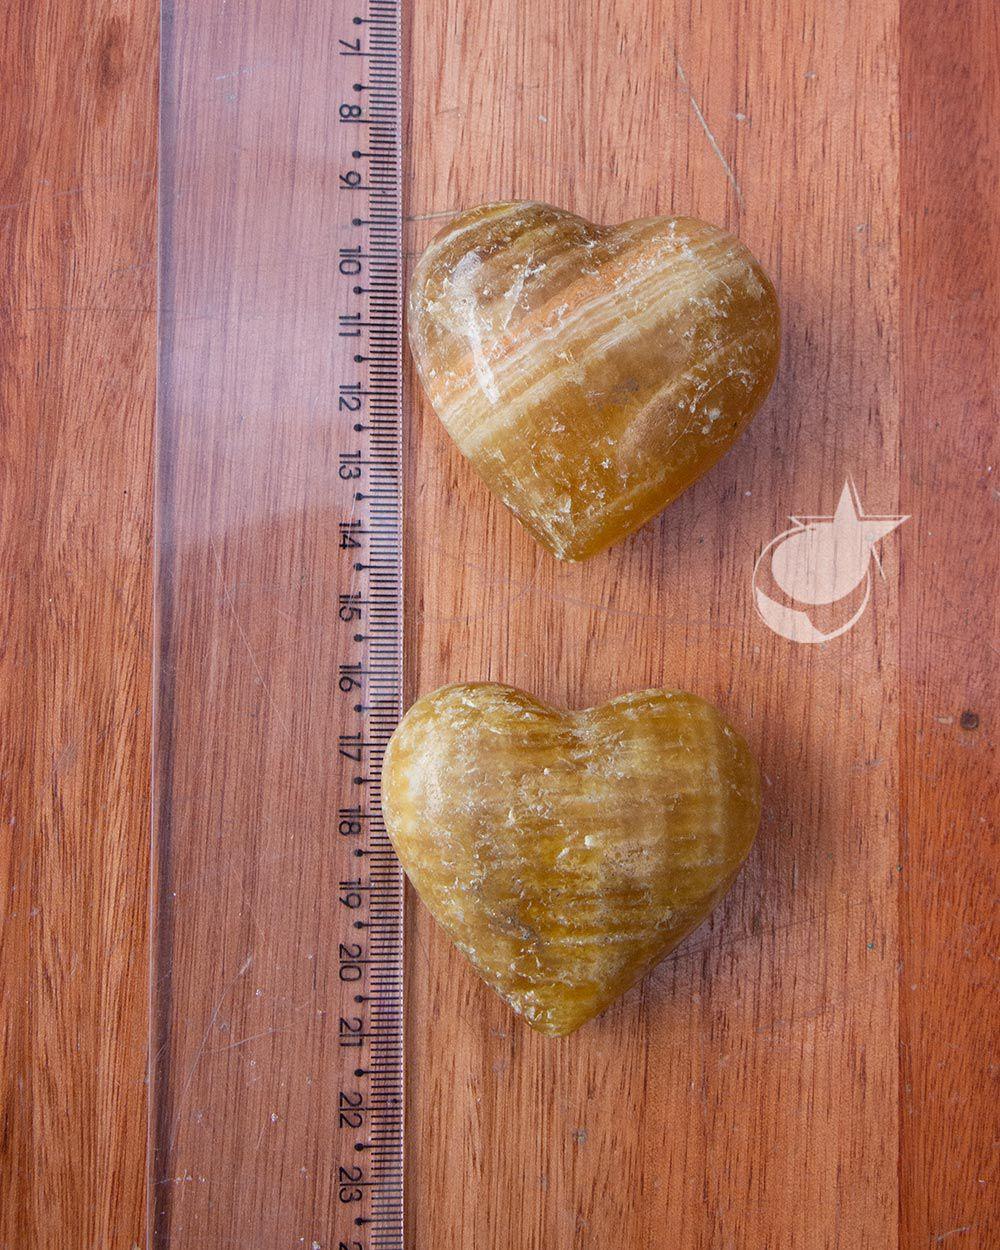 CORAÇÃO CALCITA MEL - UNIDADE - Aprox. 4,5 cm - (75 a 90g)